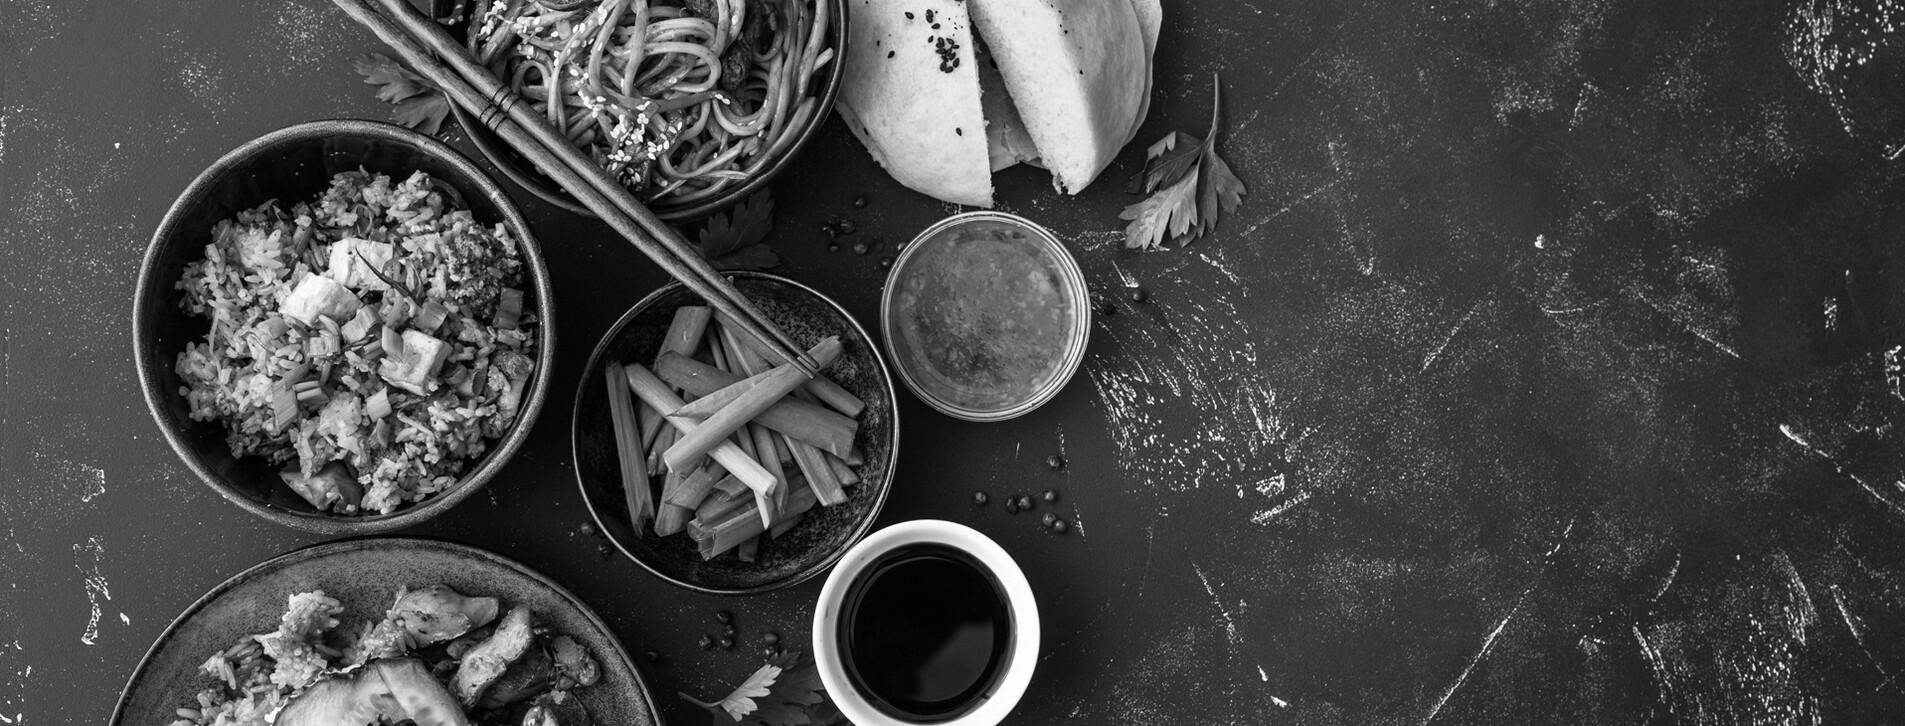 Фото 1 - Азиатский ужин